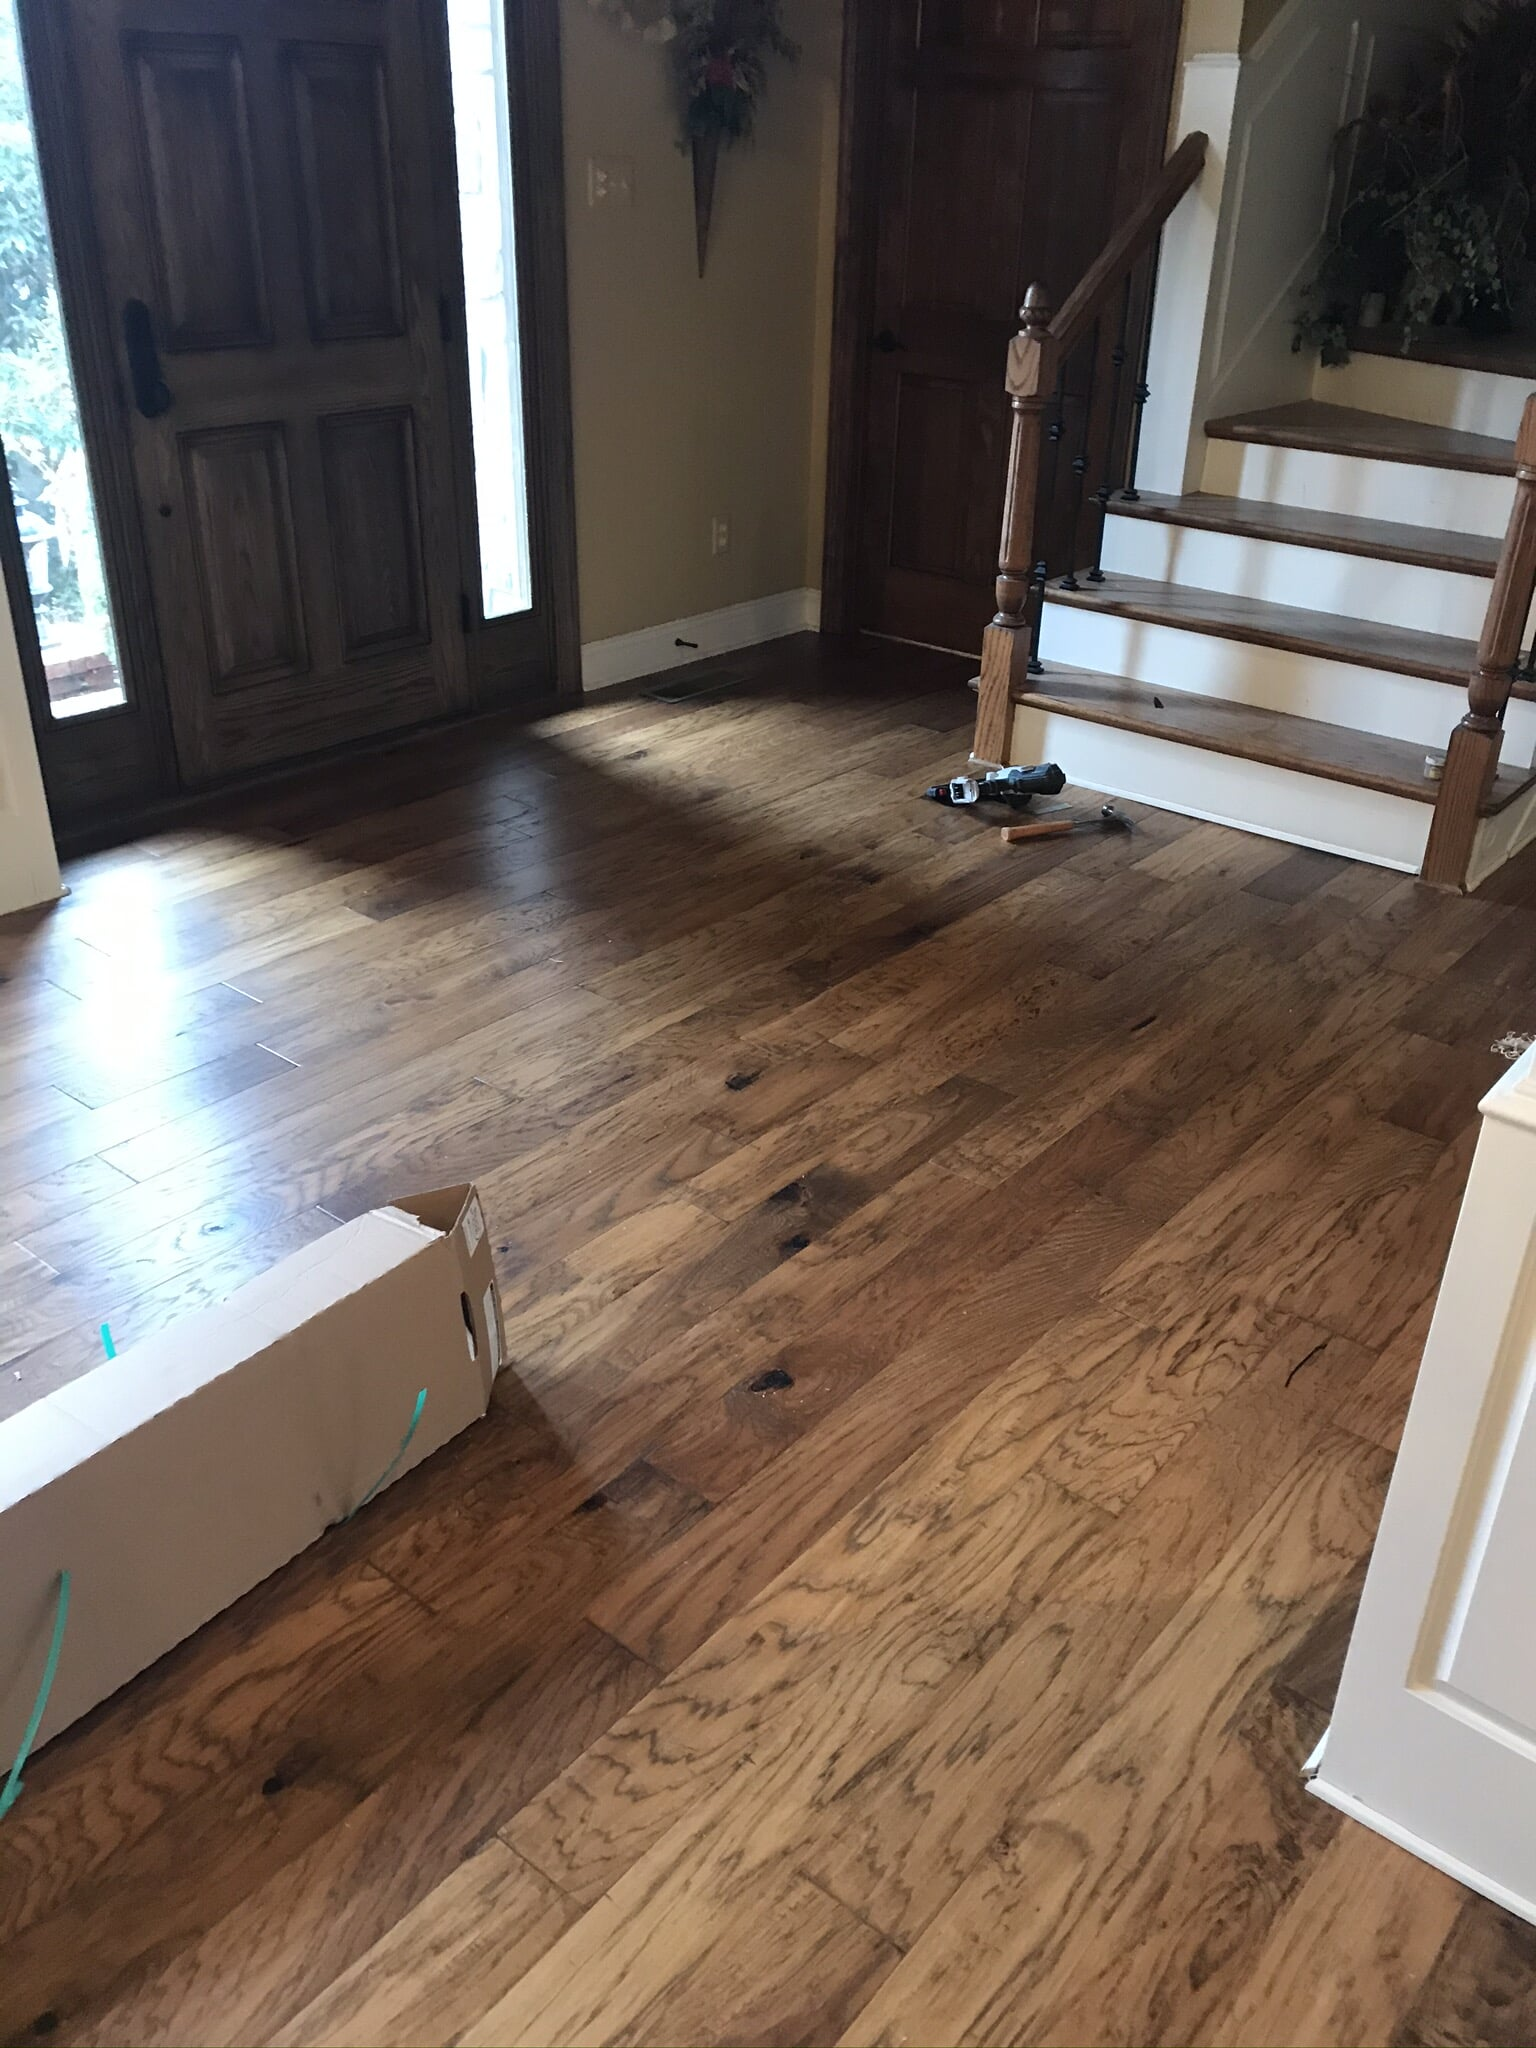 Hardwood floor from Roop's Carpet in Newport, AR